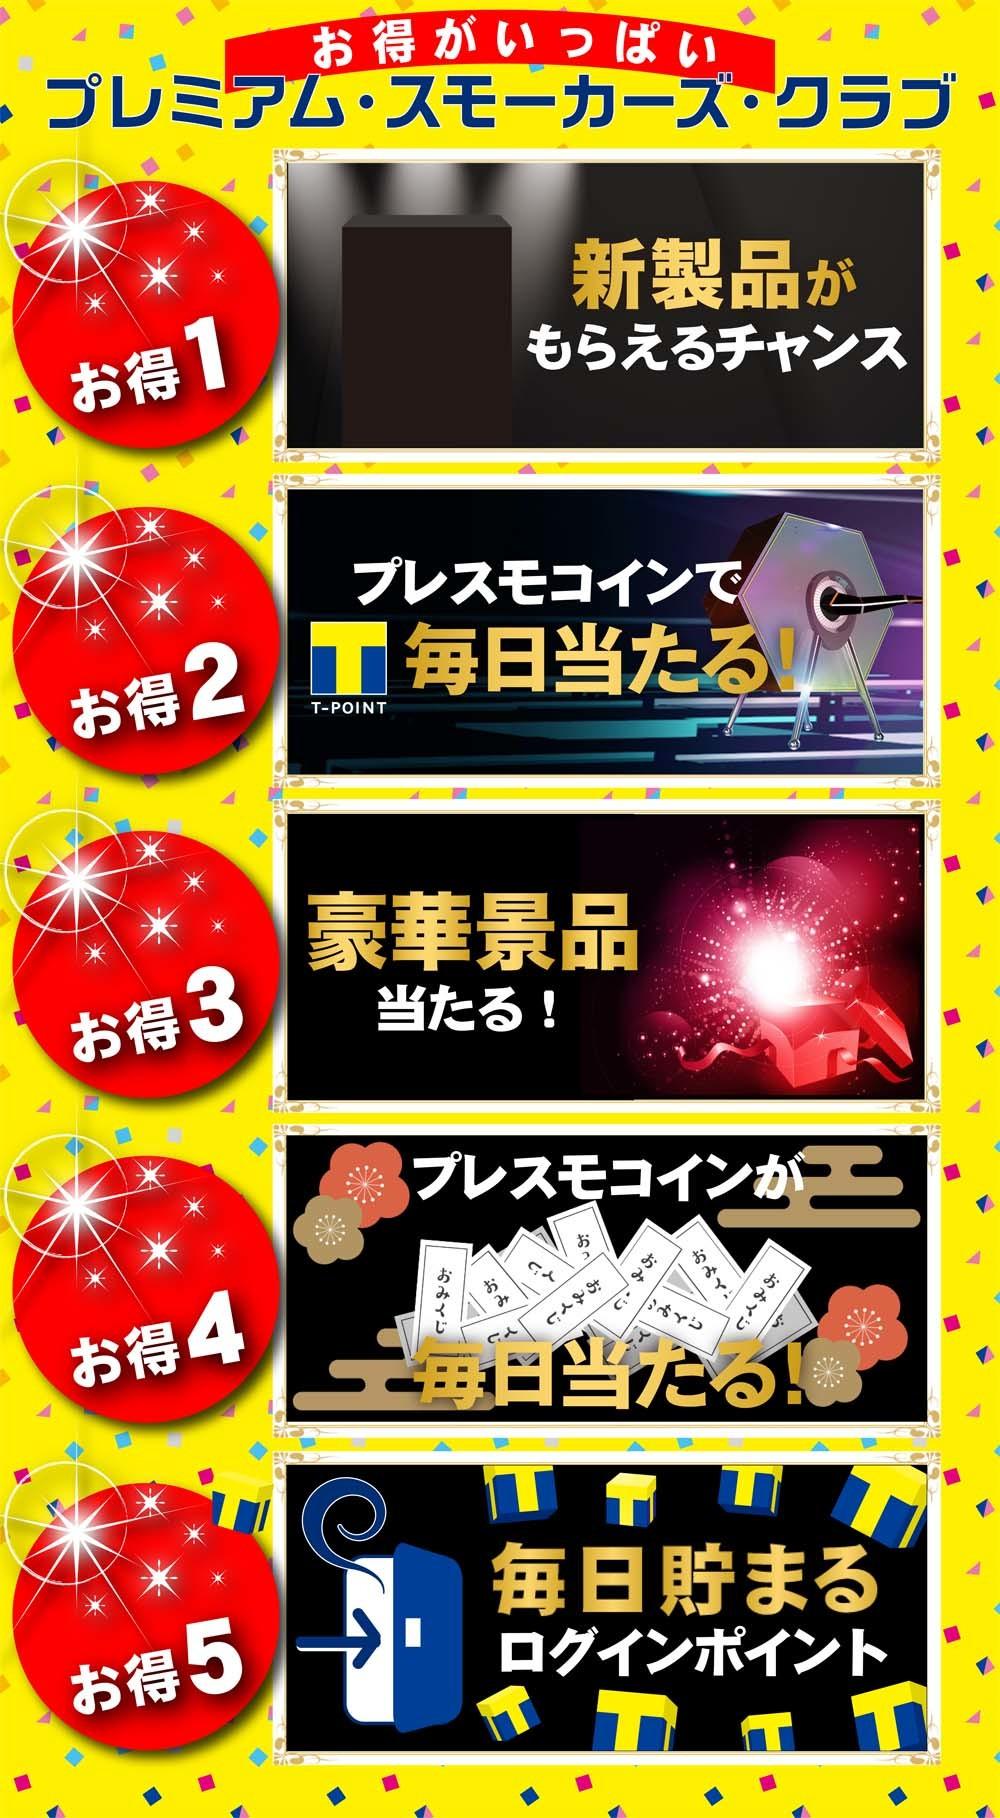 shinkitouroku_LP_sub_5.jpg